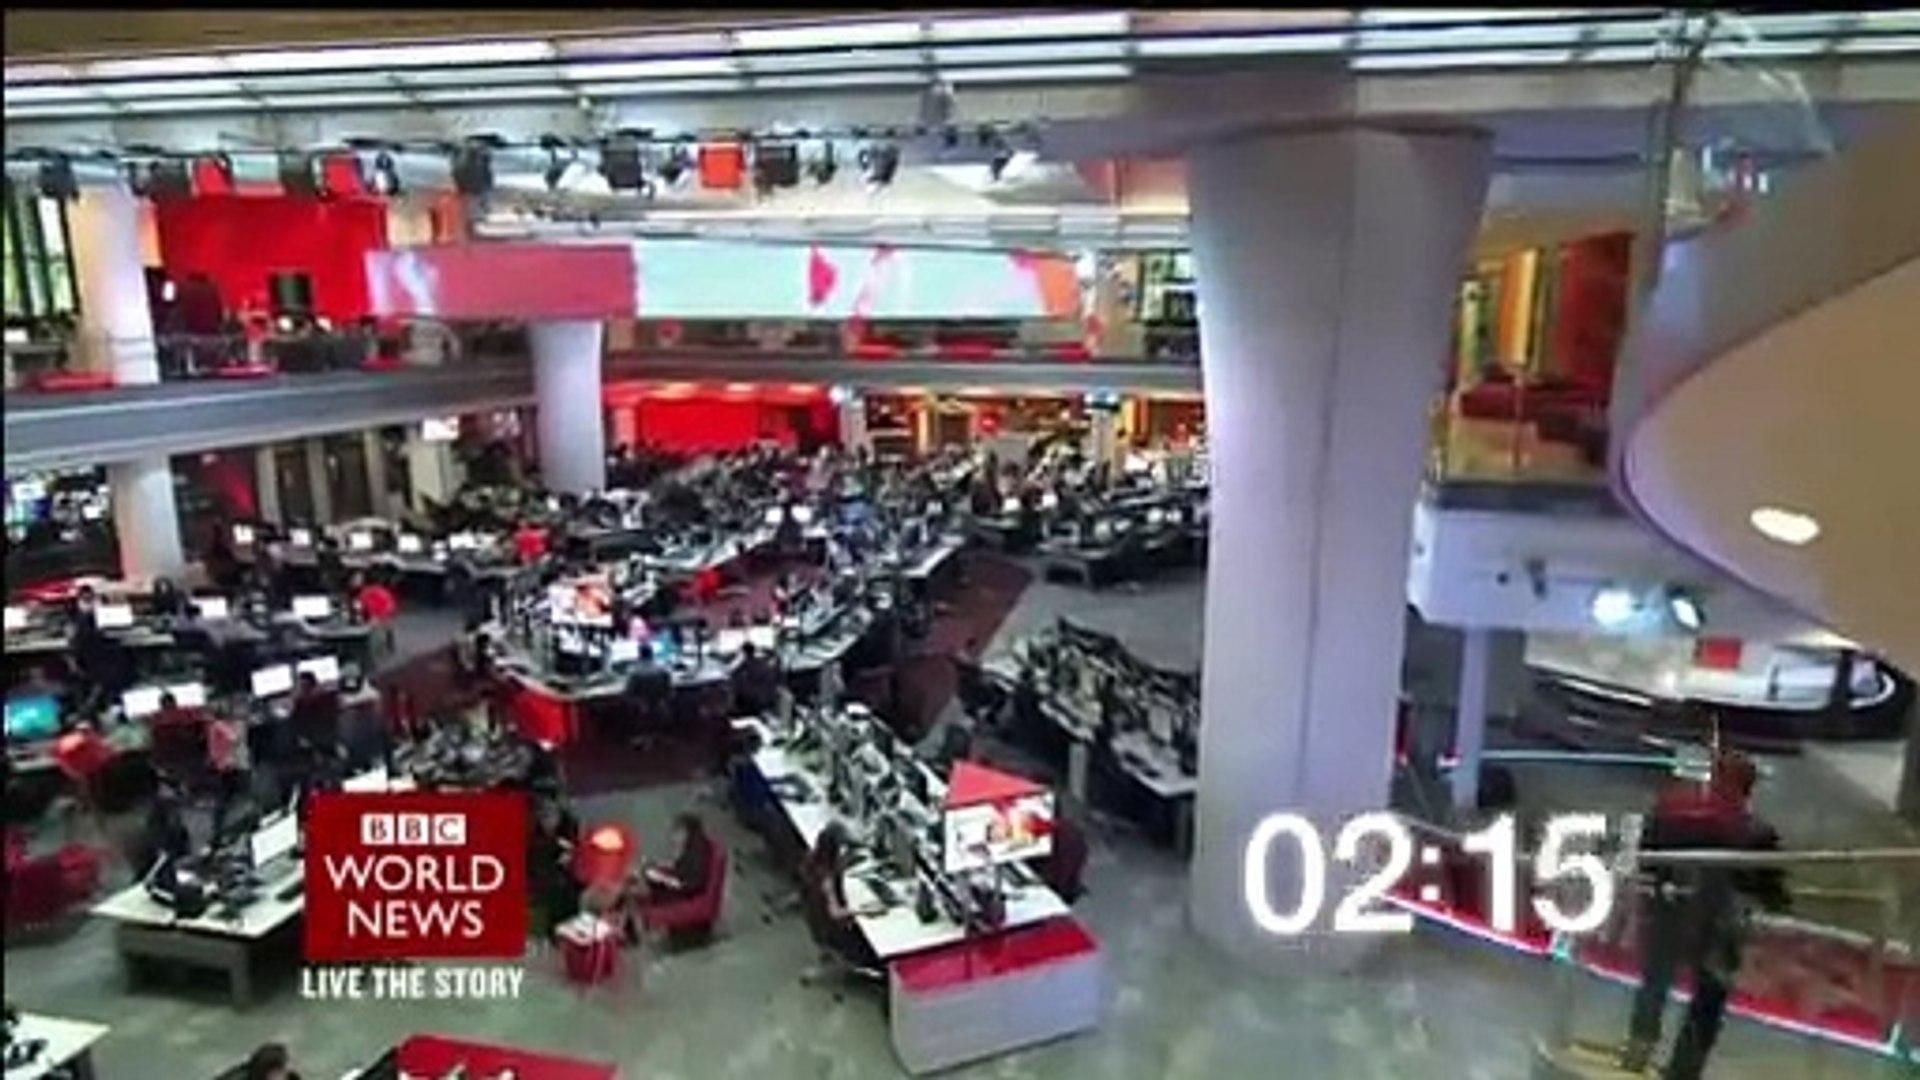 BBC World News countdown - opening 2018